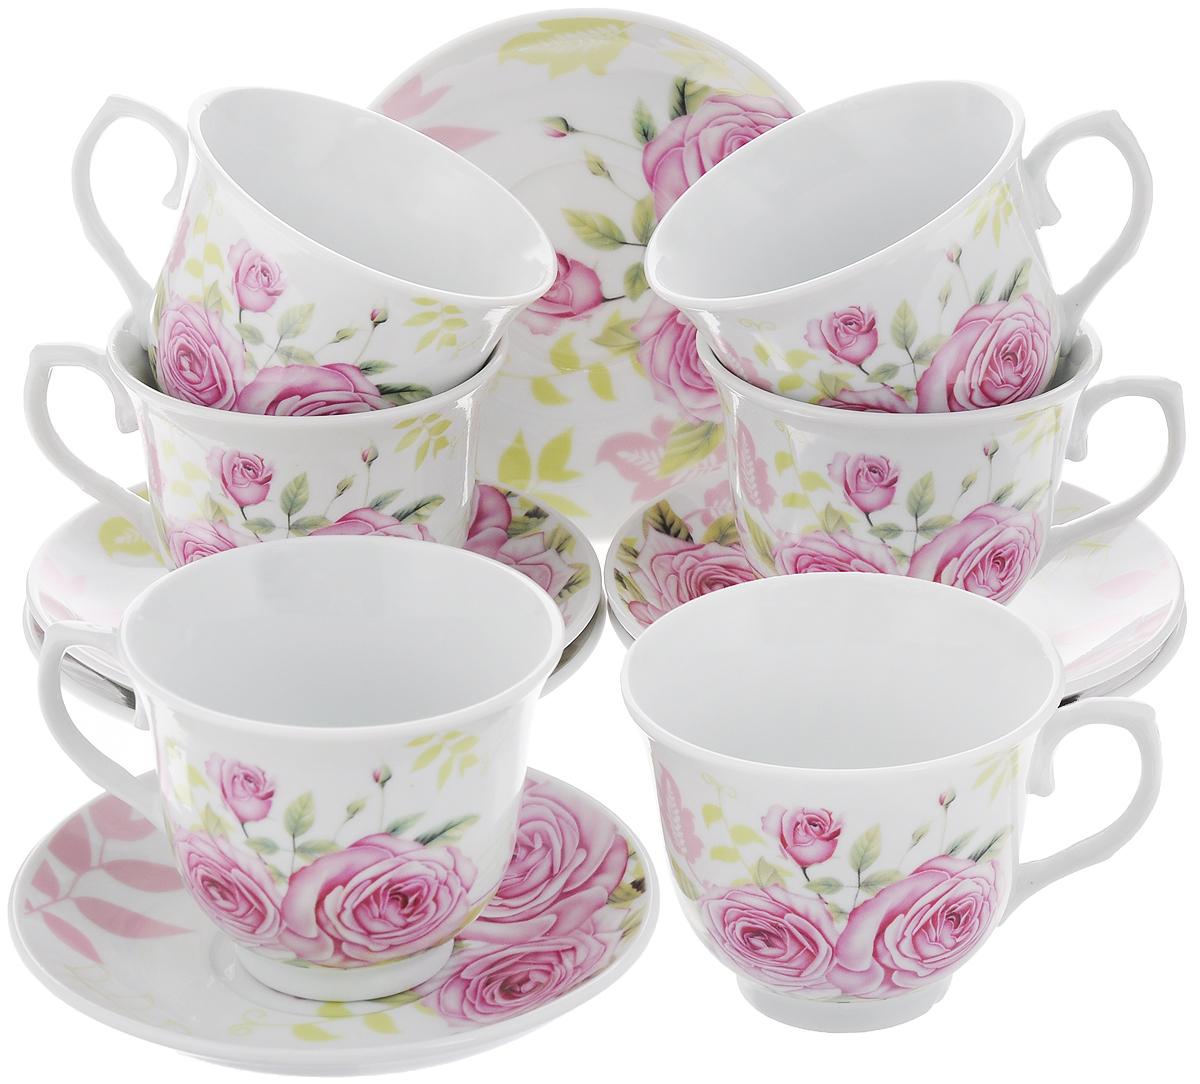 Набор чайный Loraine, 12 предметов. 2577925779Чайный набор Loraine состоит из 6 чашек и 6 блюдец. Изделия выполнены из высококачественного костяного фарфора и оформлены цветочным рисунком. Такой набор дополнит сервировку стола к чаепитию. Благодаря изысканному дизайну и качеству исполнения, он станет замечательным подарком для ваших друзей и близких. Набор упакован в подарочную коробку, задрапированную белой атласной тканью. Объем чашки: 220 мл. Диаметр чашки по верхнему краю: 8,7 см. Высота чашки: 7,5 см. Диаметр блюдца: 13,5 см. Высота блюдца: 2,2 см.